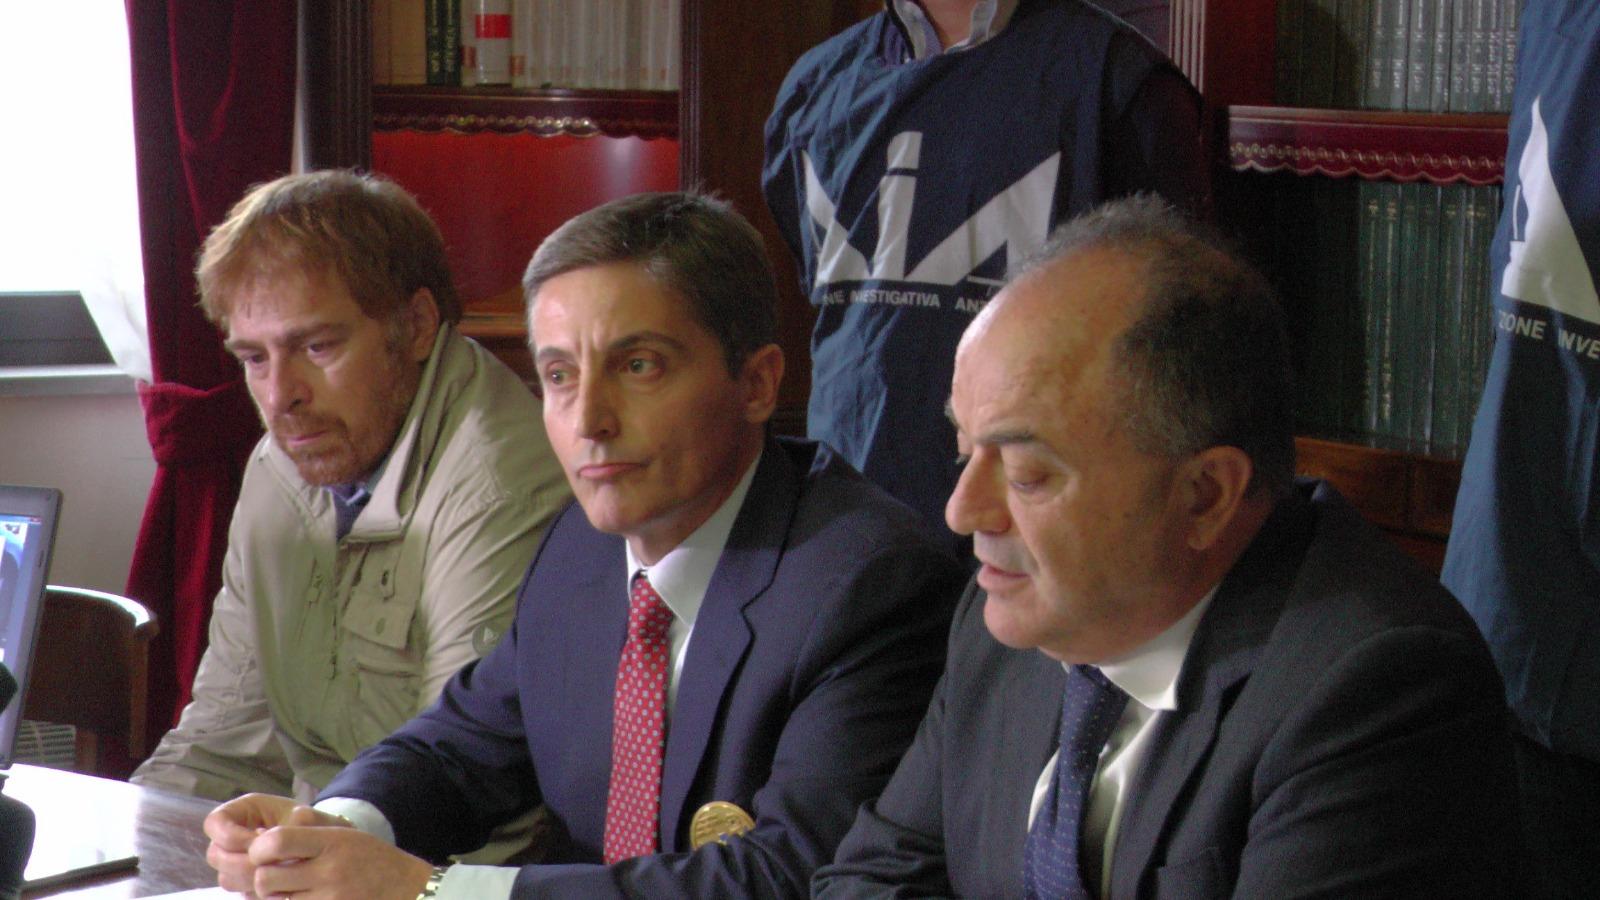 Duplice omicidio a Cosenza, la svolta dopo 18 anni  Cinque persone arrestate dopo indagini della Dda